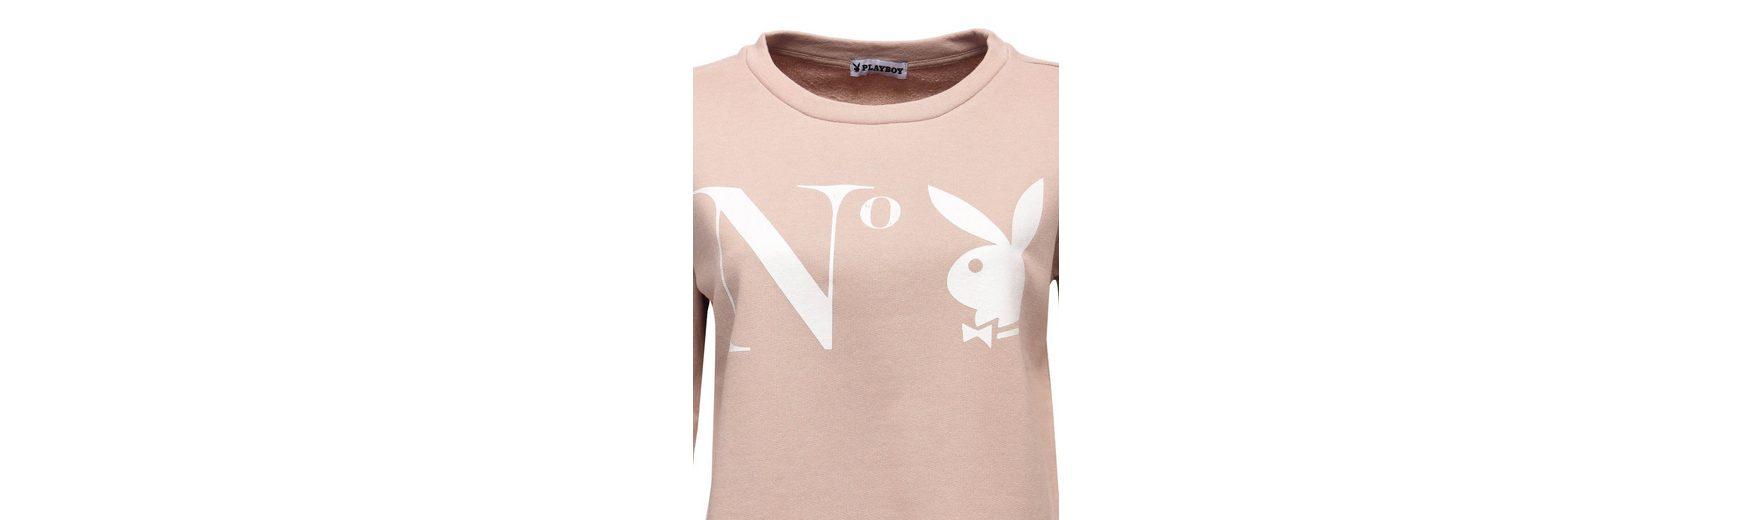 Playboy Sweatshirt mit angesagtem Frontdruck Wiki Günstiger Preis Shop-Angebot Verkauf Online Bester Großhandelsverkauf Online 5ybhQ2